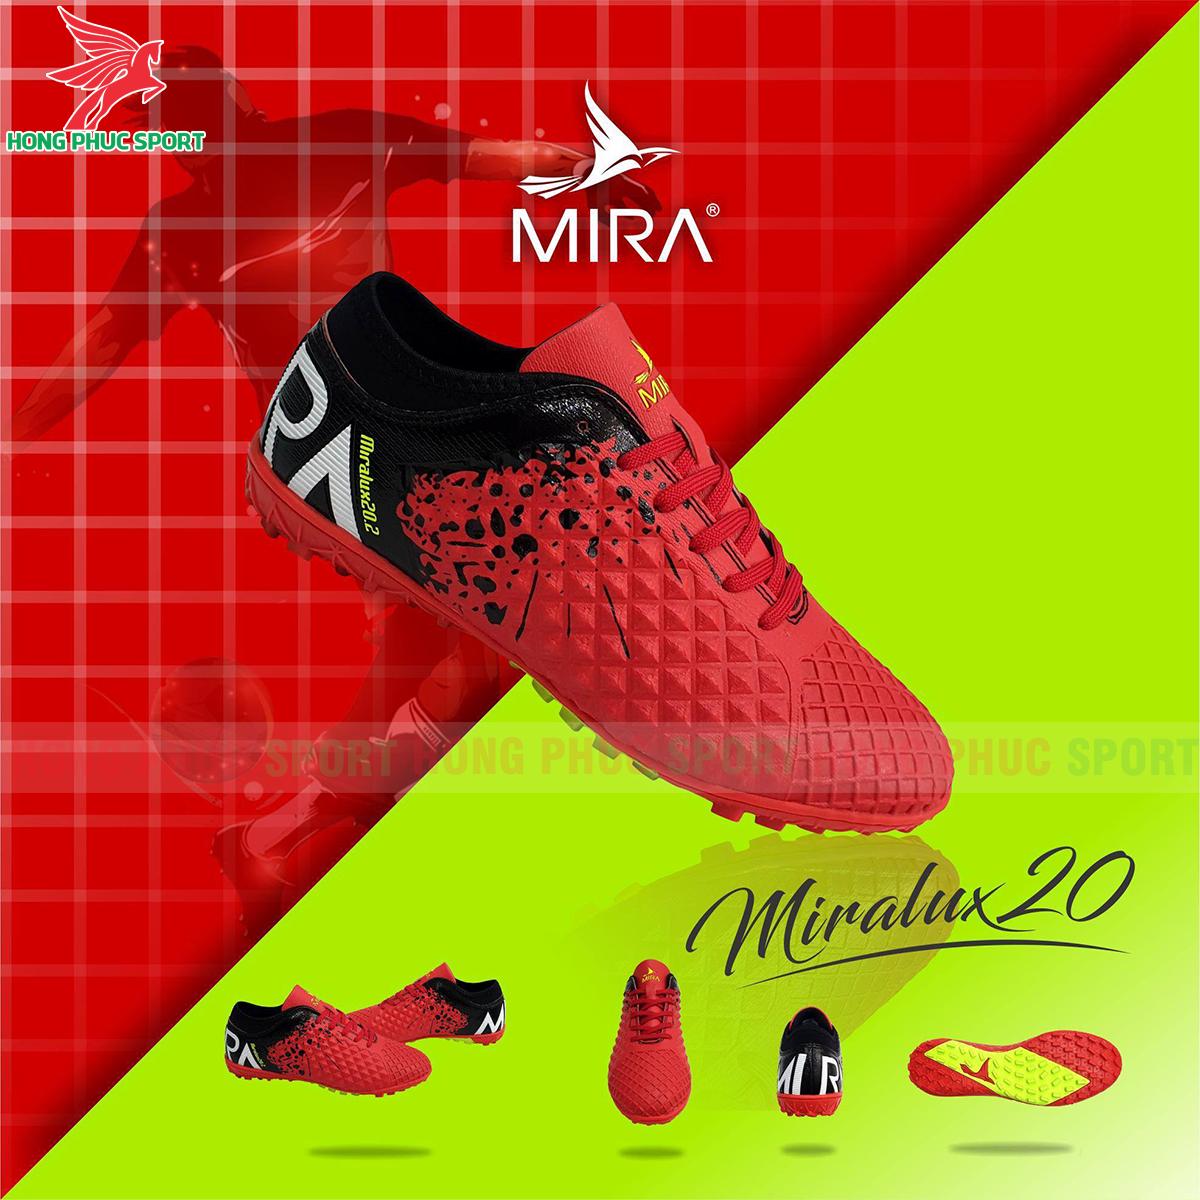 Giày Mira Lux 20.2 sân cỏ nhân tạo màu đỏ phối đen